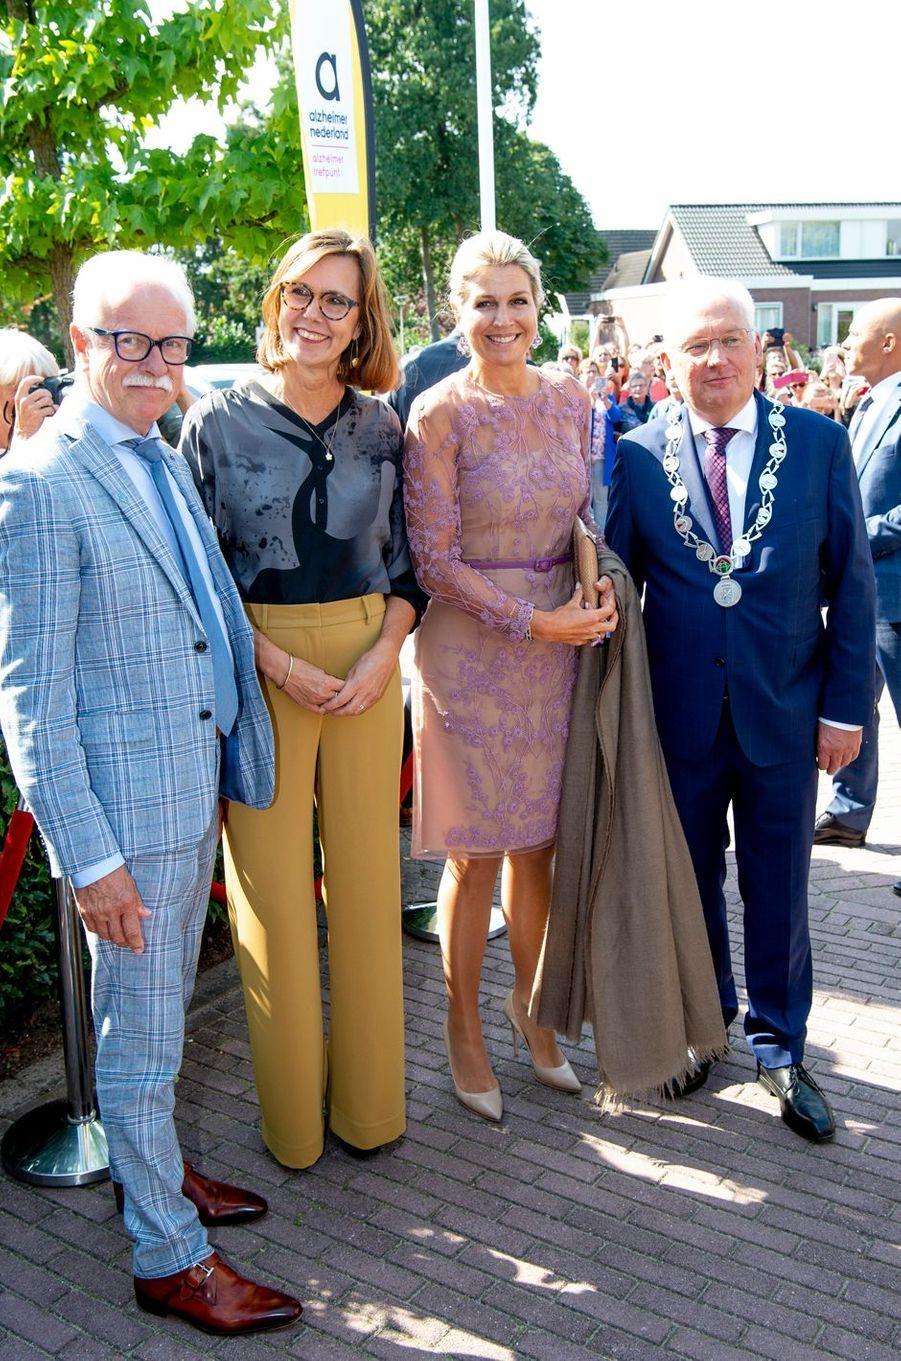 La reine Maxima des Pays-Bas, en Natan, à Giessenburg, le 10 septembre 2019